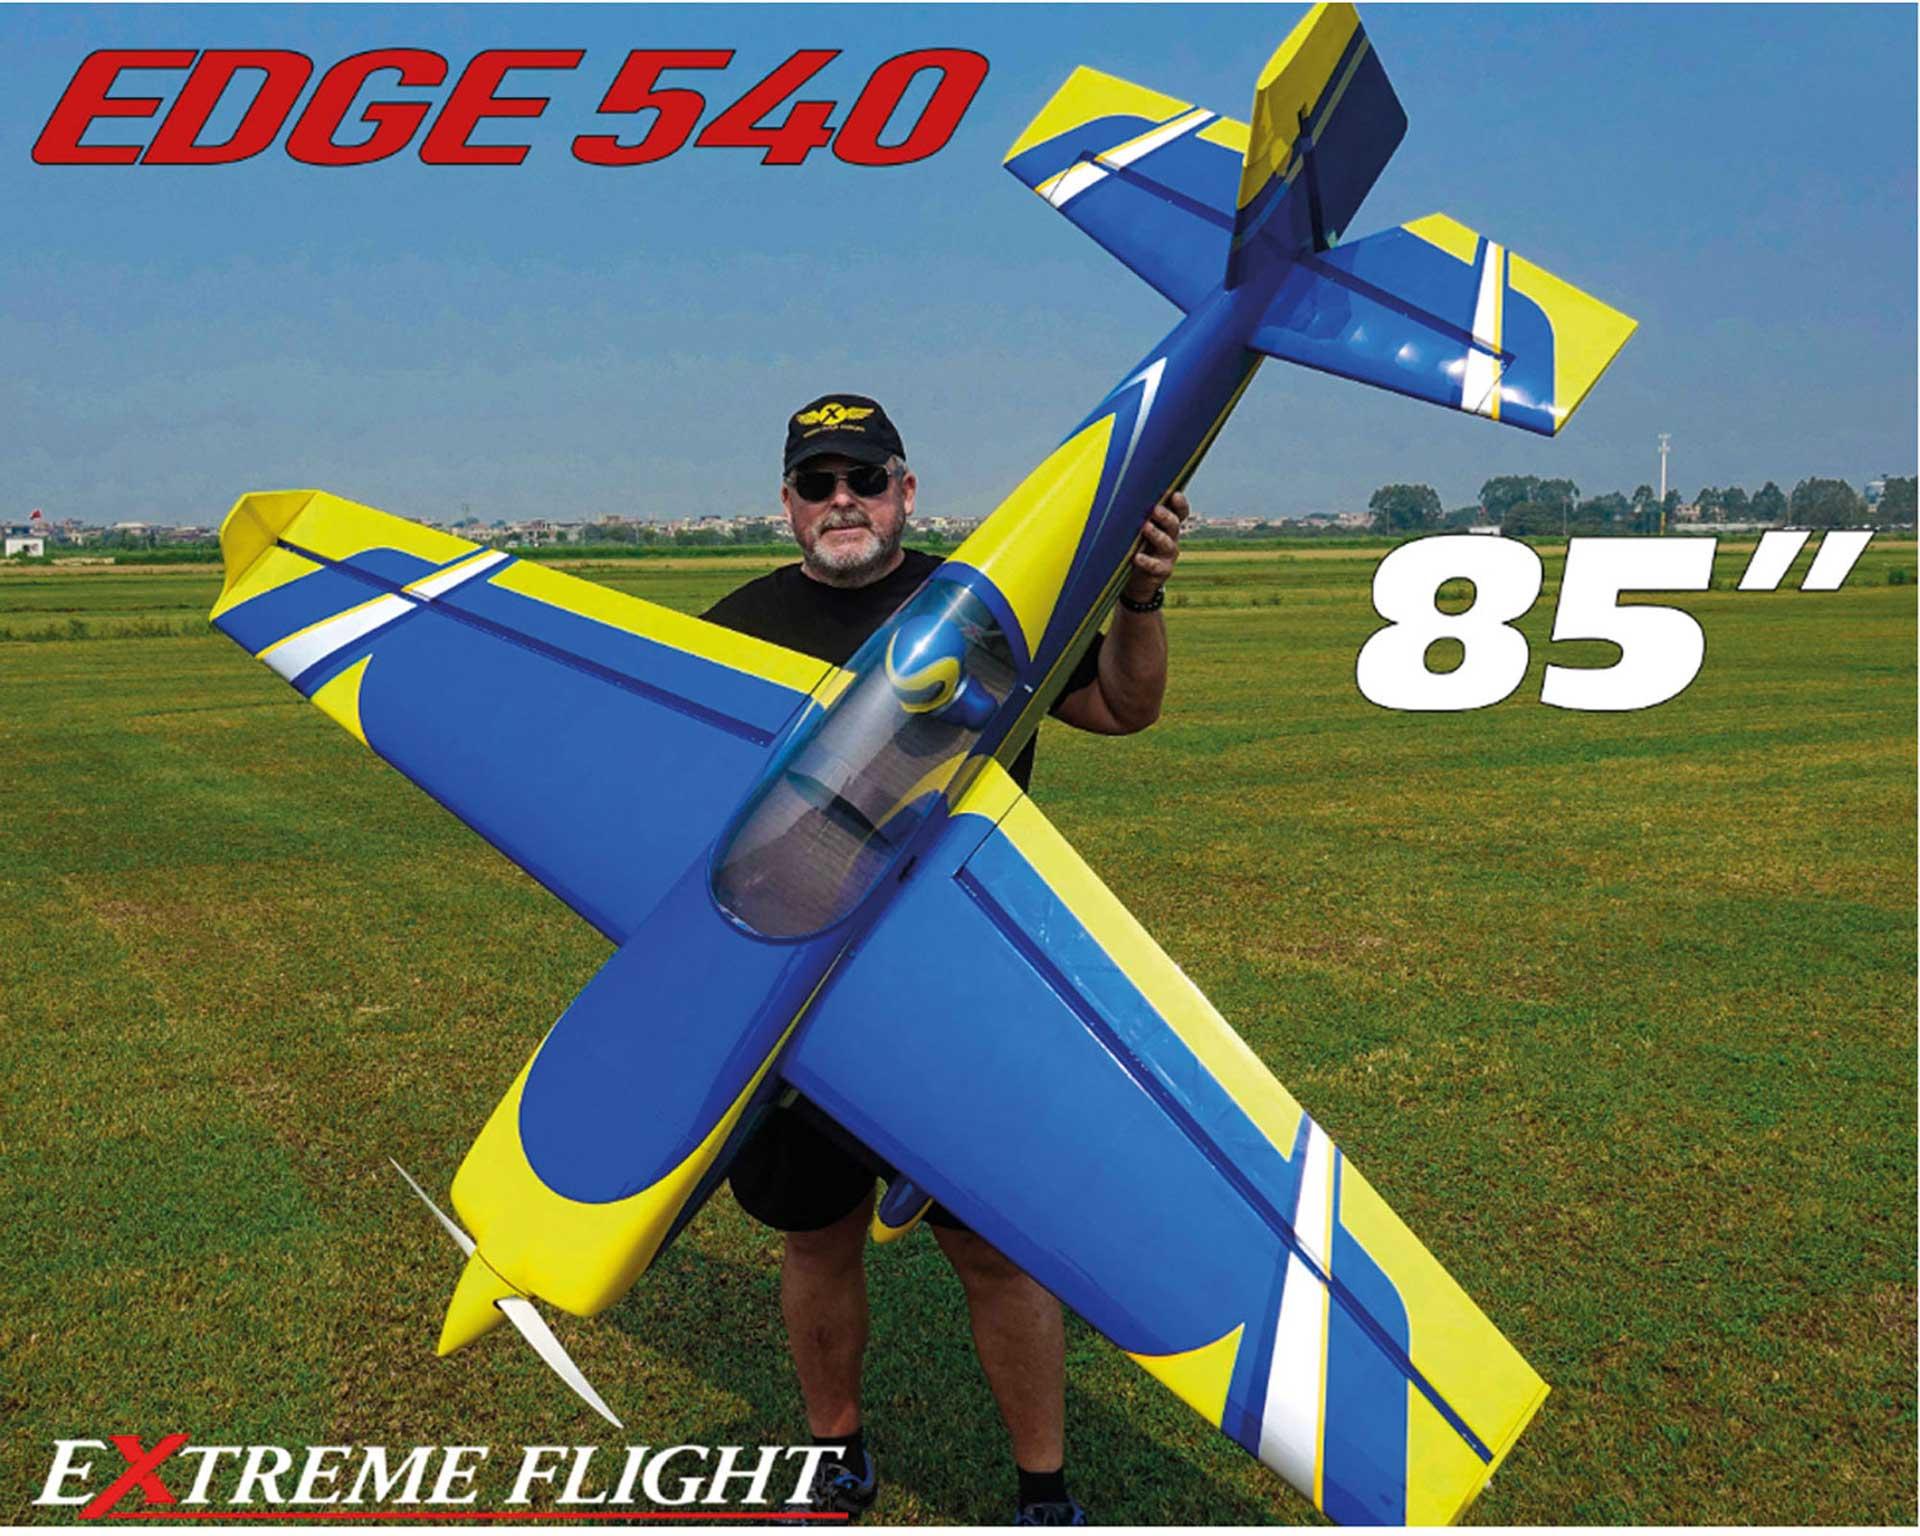 """EXTREMEFLIGHT-RC EDGE 540 85"""" GELB/BLAU ARF"""